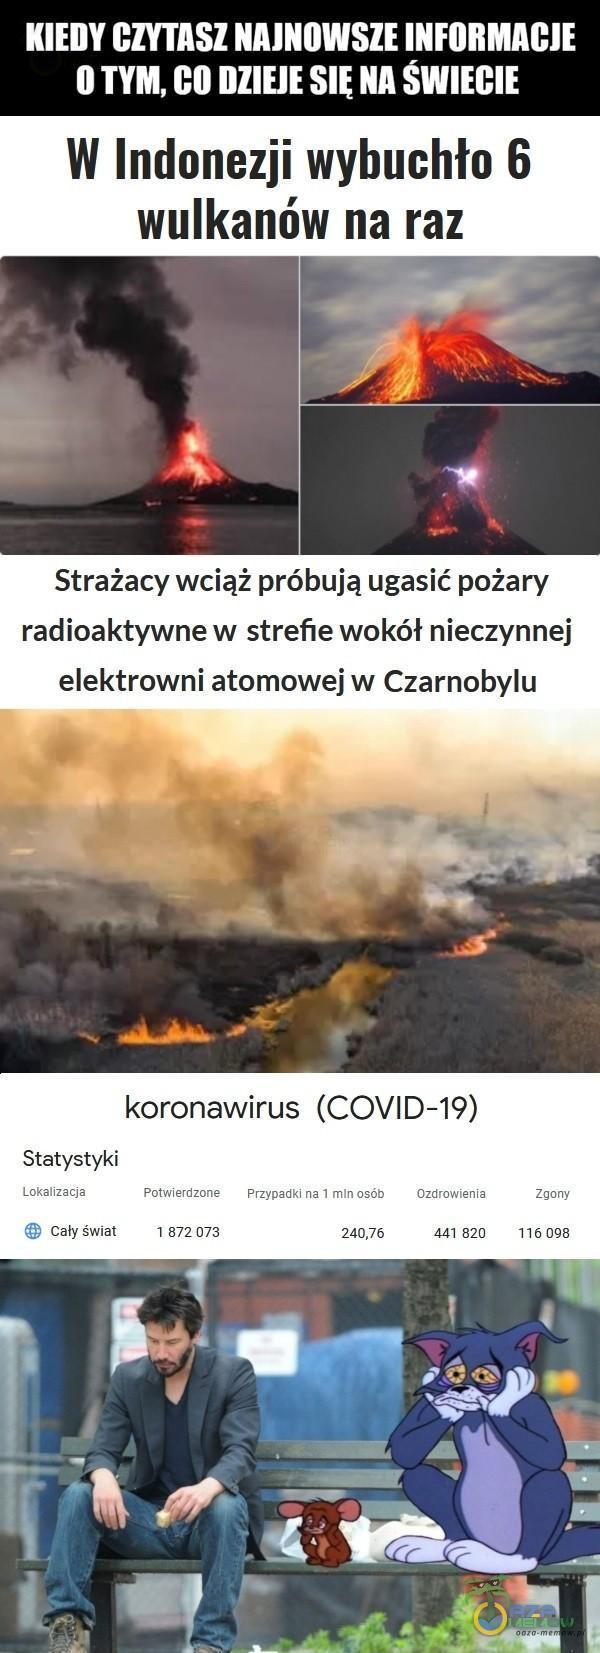 Ugr y I BWT LTR OTYM, GO DZIEJE SIĘ NA ŚWIECIE W Indonezji wyhuchło 6 wulkanów na raz Strażacy wciąż próbują ugasić pożary radioaktywne w strefie wokół nieczynnej elektrowni atomowej w Czarnobylu koronawirus (COVID-19) Statystyki T...